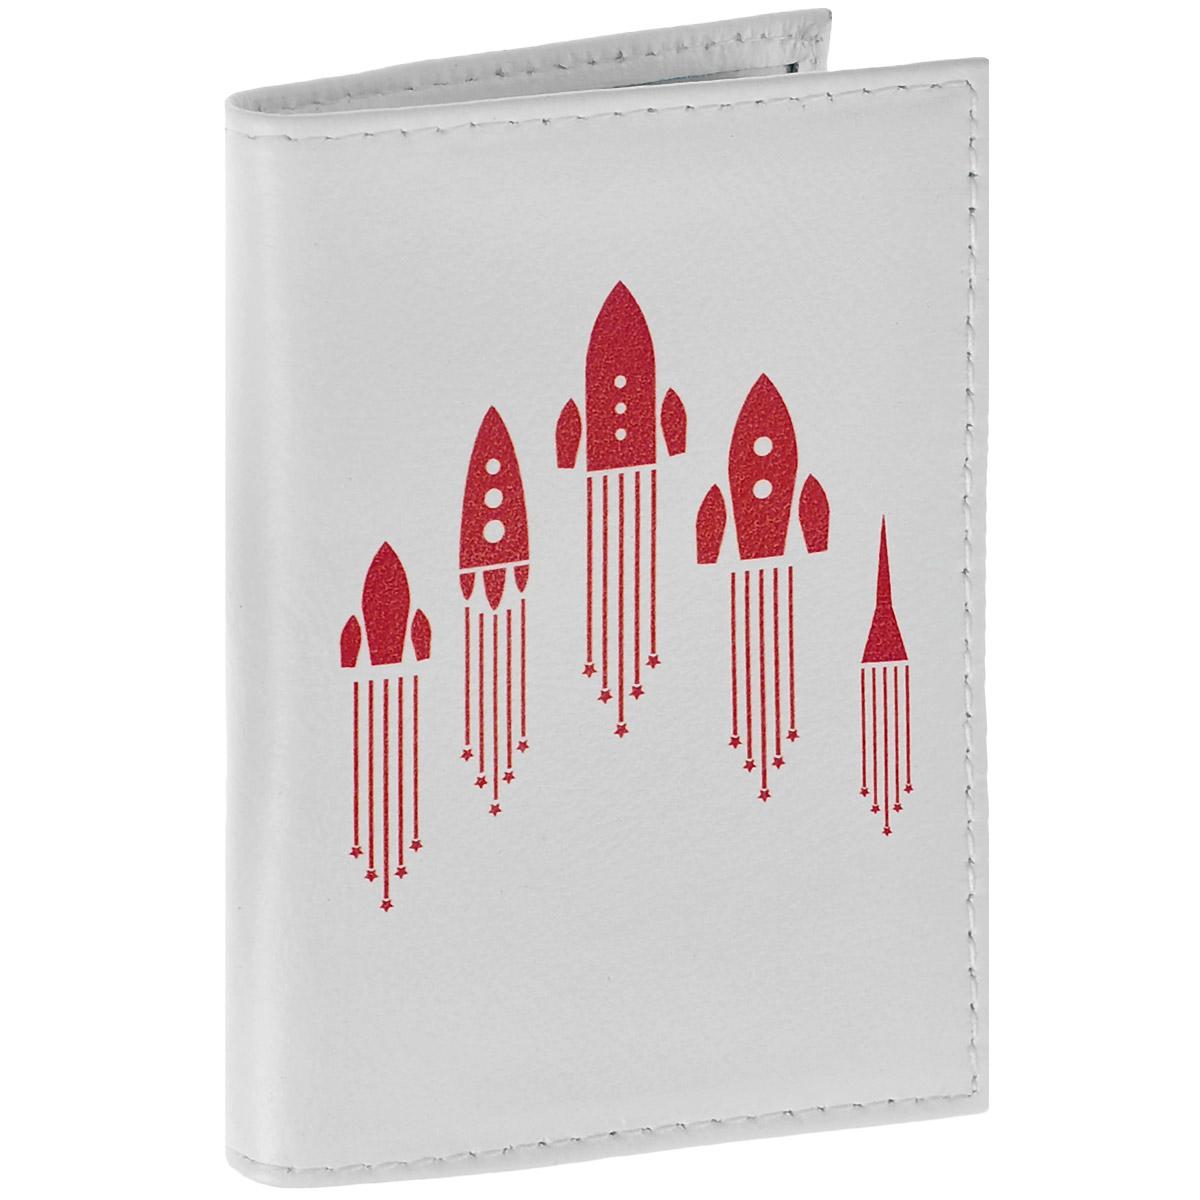 Обложка для паспорта Ракеты. OK286OK423Обложка для паспорта Mitya Veselkov Ракеты выполнена из натуральной кожи и оформлена изображением ракет. Такая обложка не только поможет сохранить внешний вид ваших документов и защитит их от повреждений, но и станет стильным аксессуаром, идеально подходящим вашему образу.Яркая и оригинальная обложка подчеркнет вашу индивидуальность и изысканный вкус. Обложка для паспорта стильного дизайна может быть достойным и оригинальным подарком.